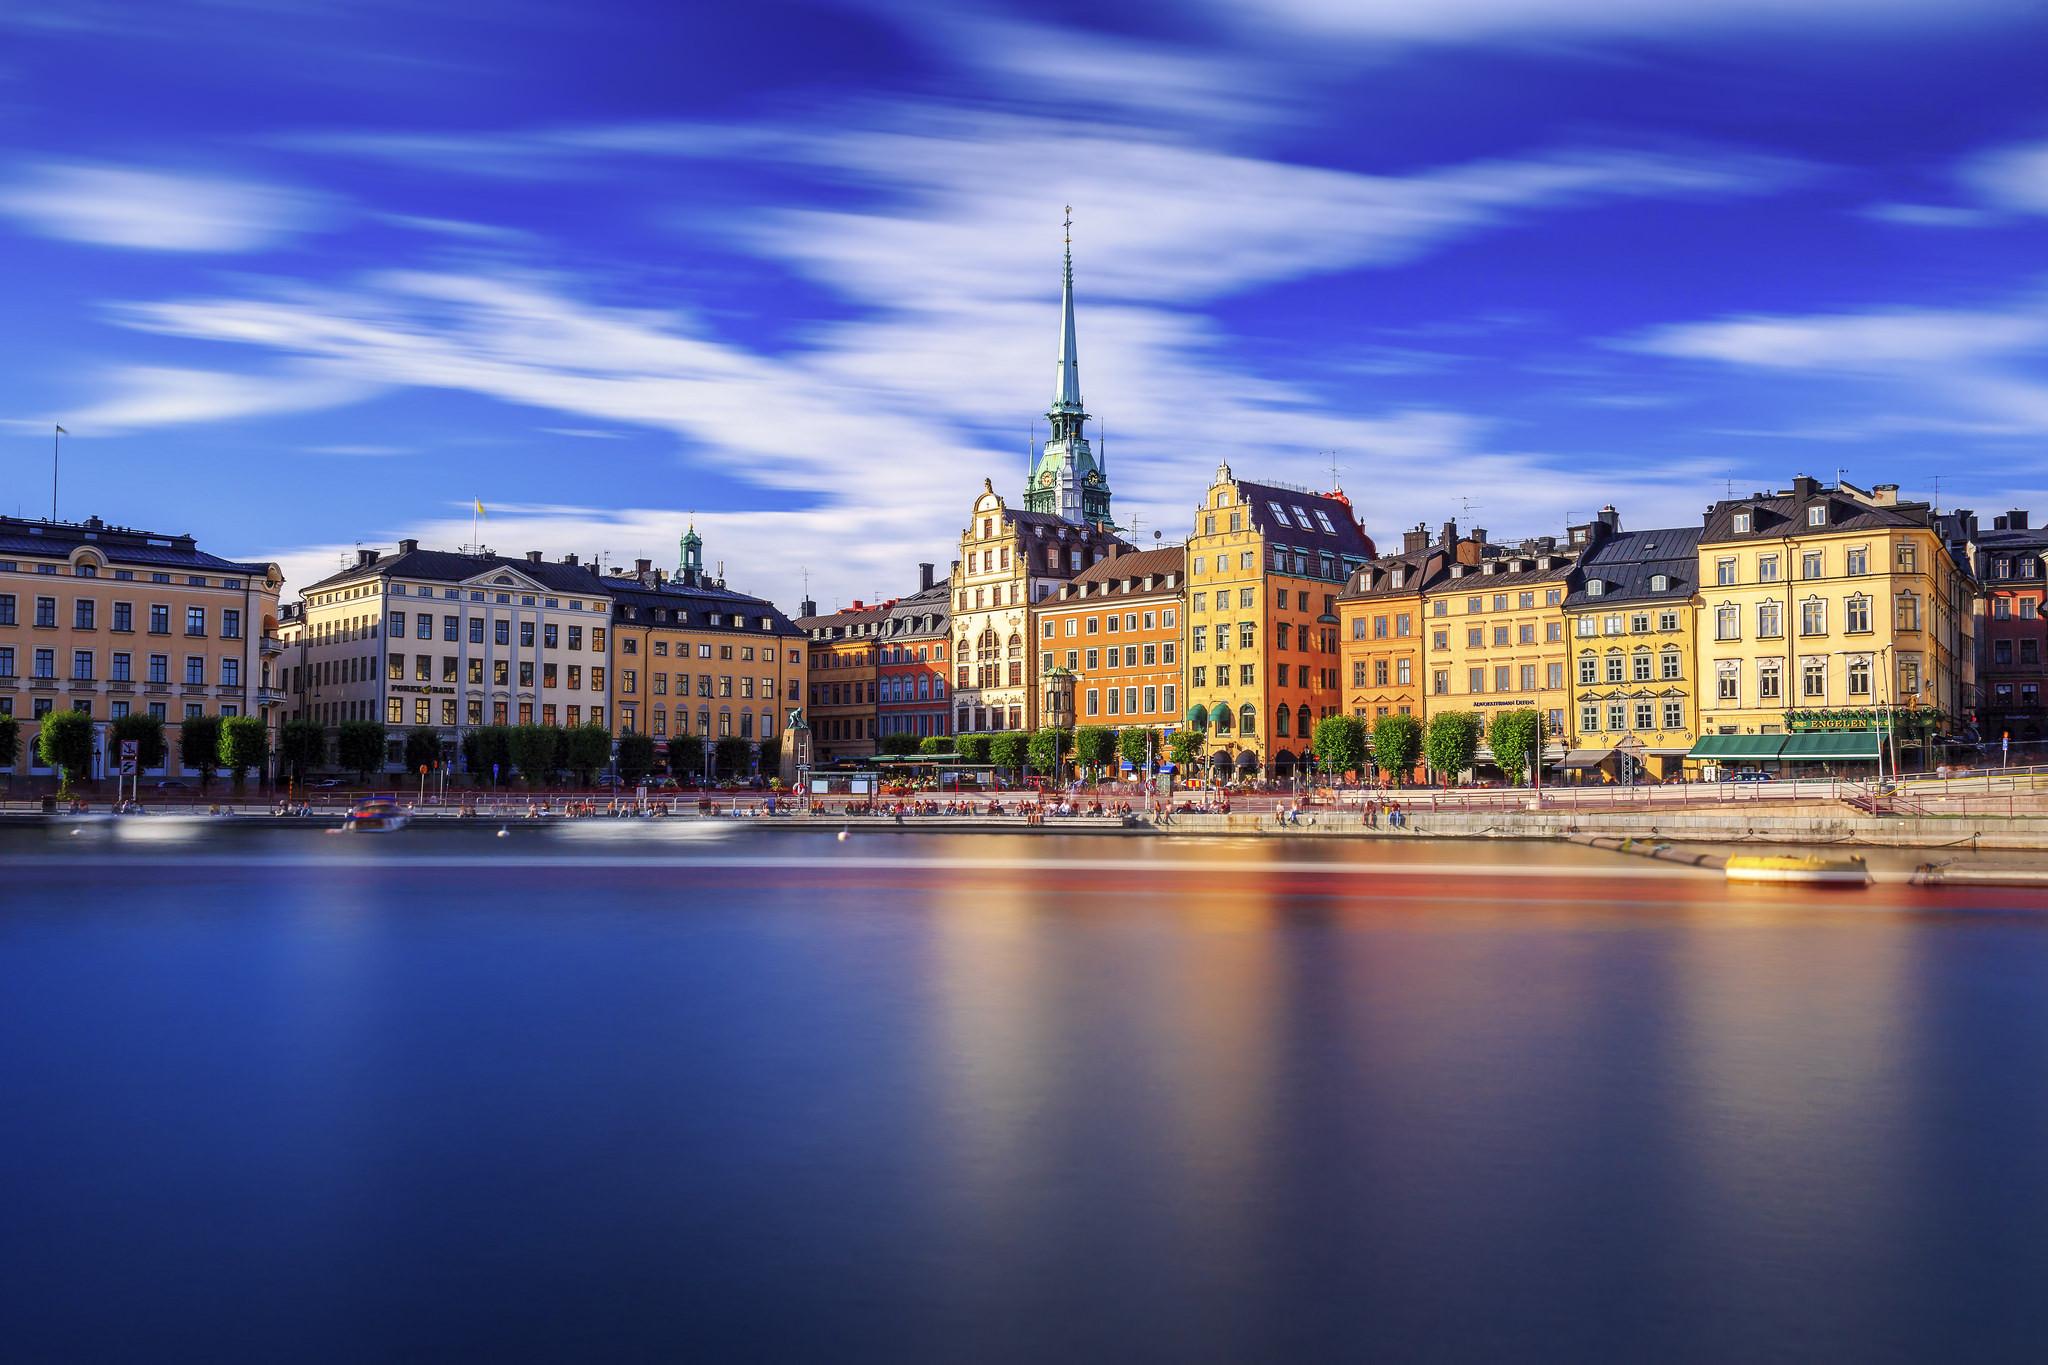 Стокгольм, Швеция, город